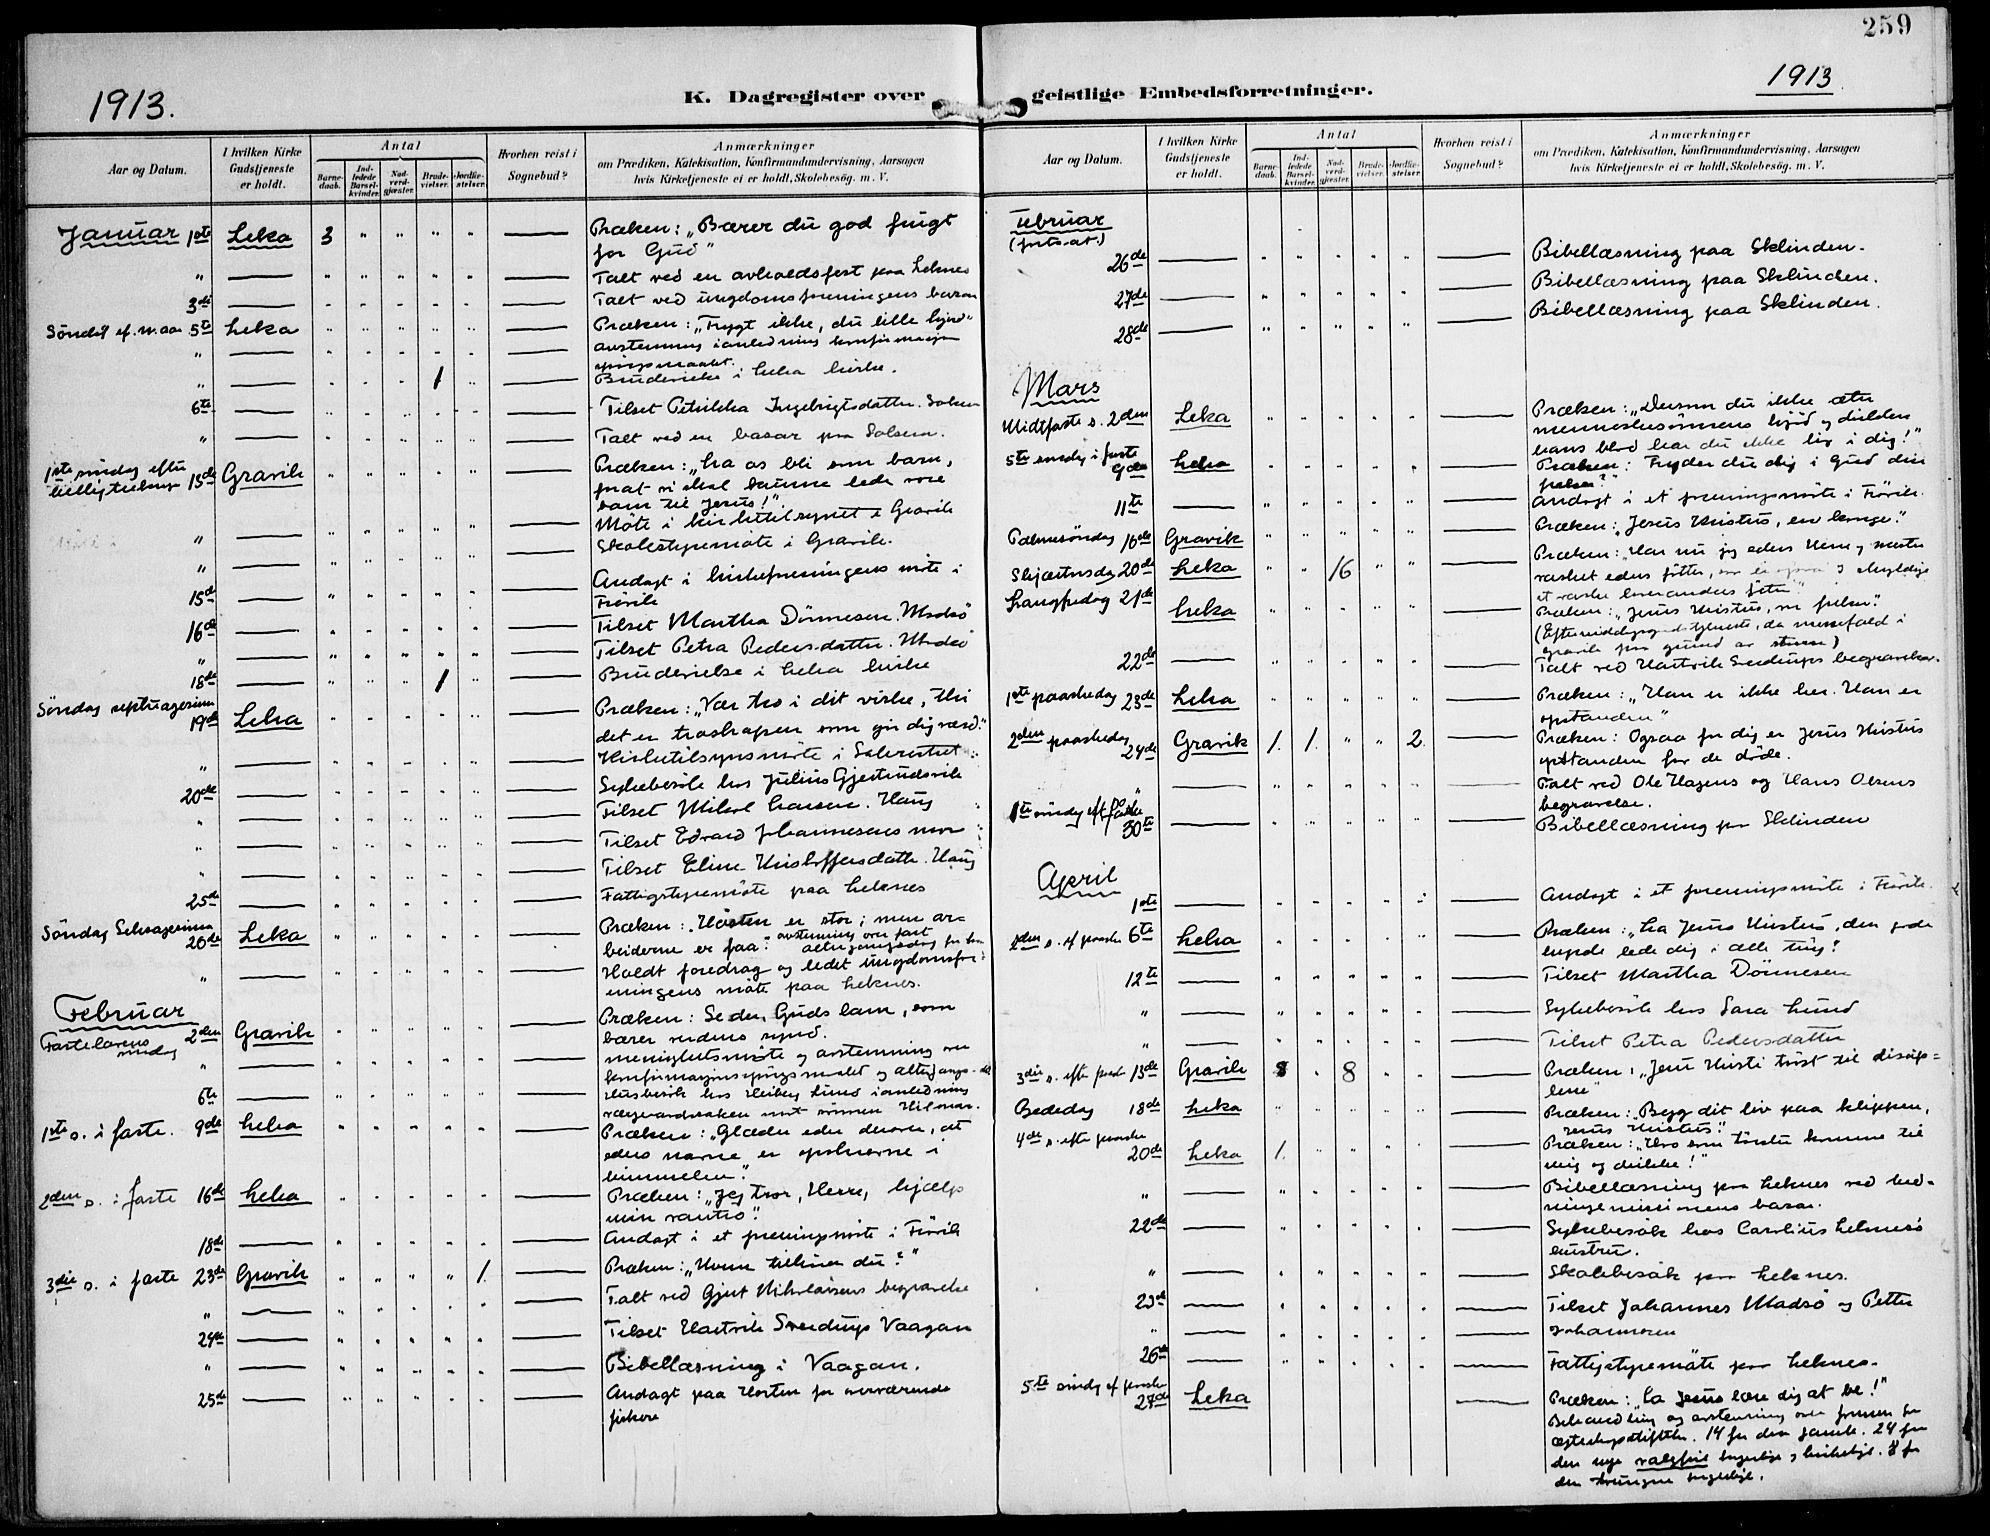 SAT, Ministerialprotokoller, klokkerbøker og fødselsregistre - Nord-Trøndelag, 788/L0698: Ministerialbok nr. 788A05, 1902-1921, s. 259